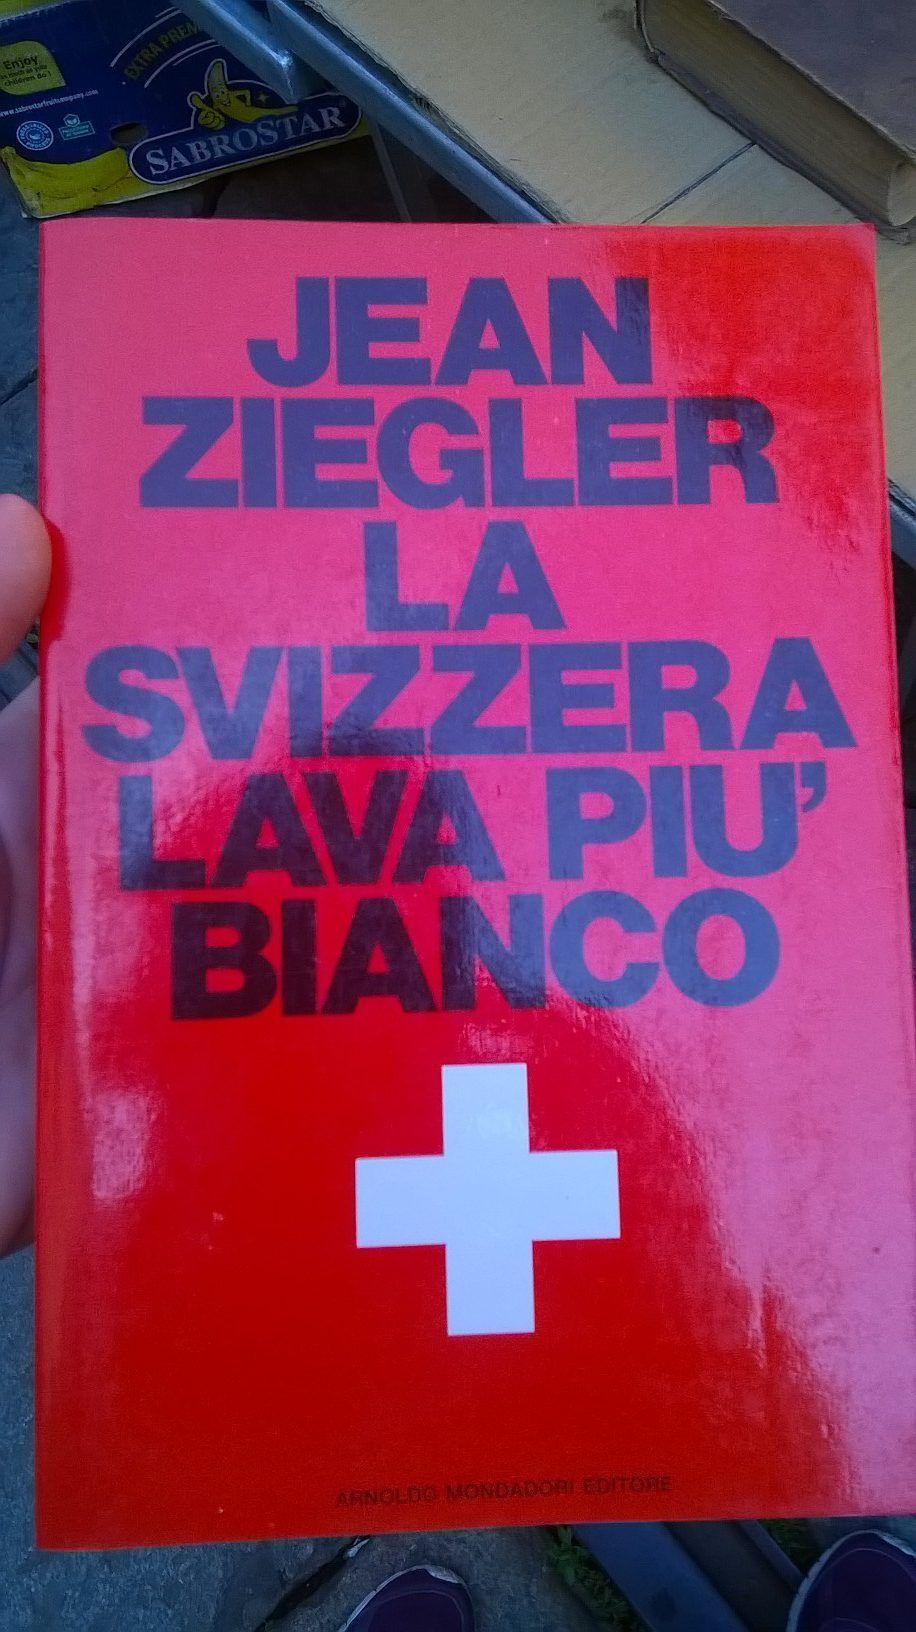 """""""La Svizzera lava più bianco"""" di Jean Ziegler al mercatino"""